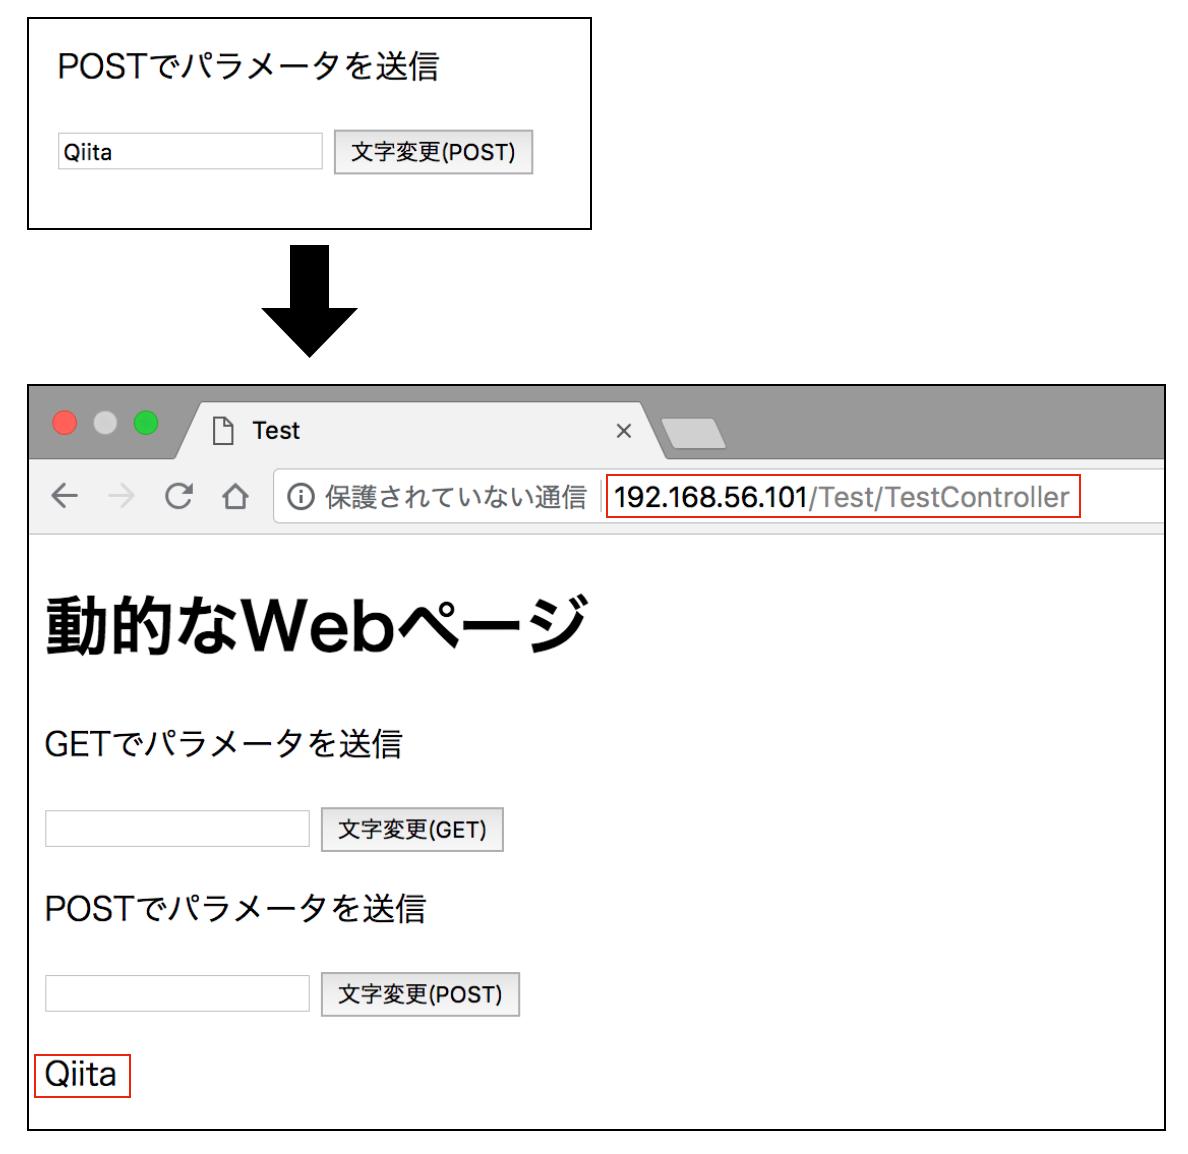 スクリーンショット_GETPOST7.png